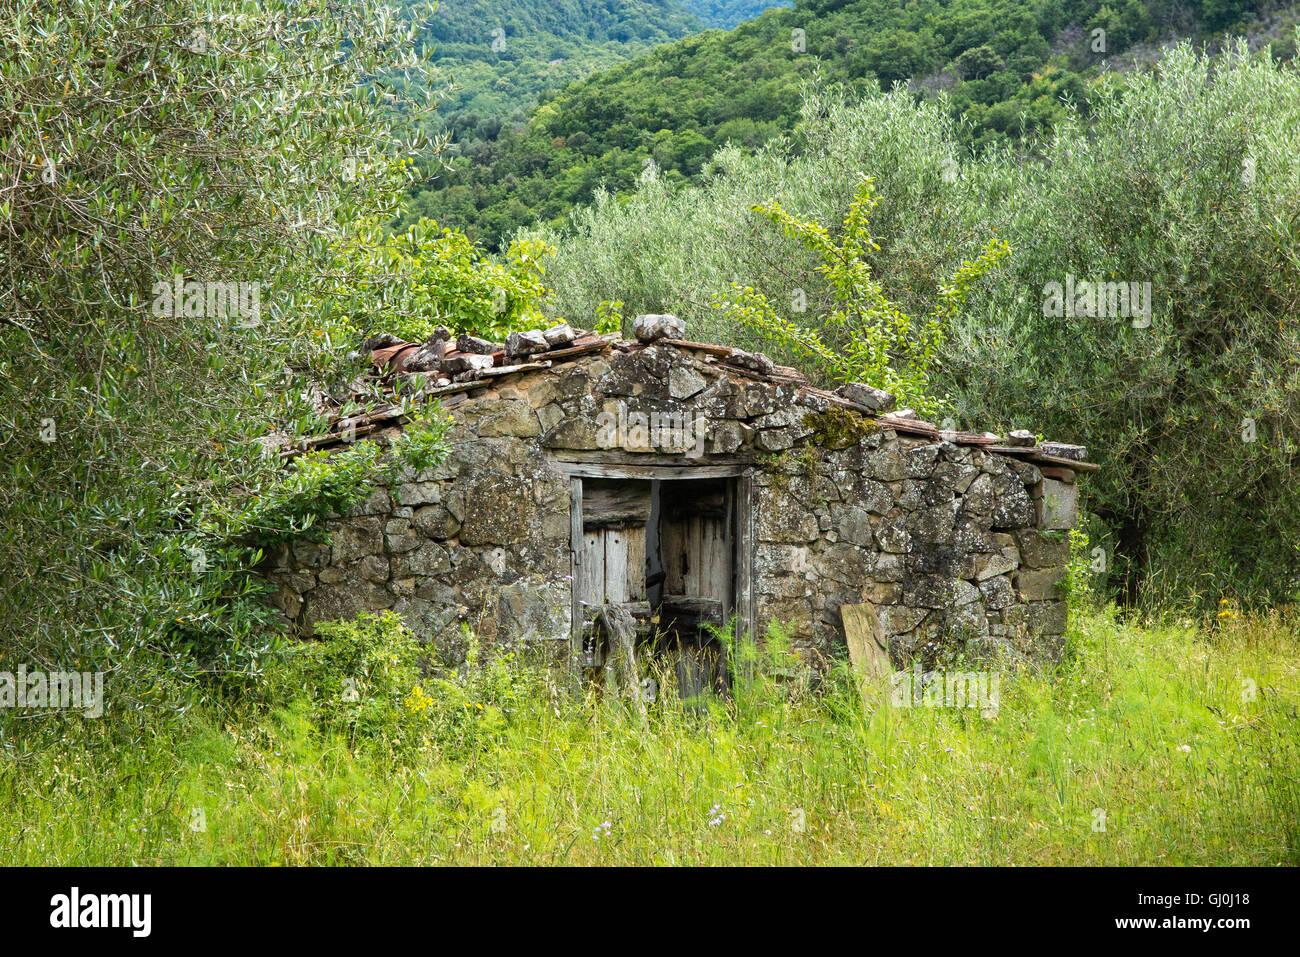 Un rifugio abbandonati nr Castel del Piano, Grosseto, Toscana, Italia Immagini Stock